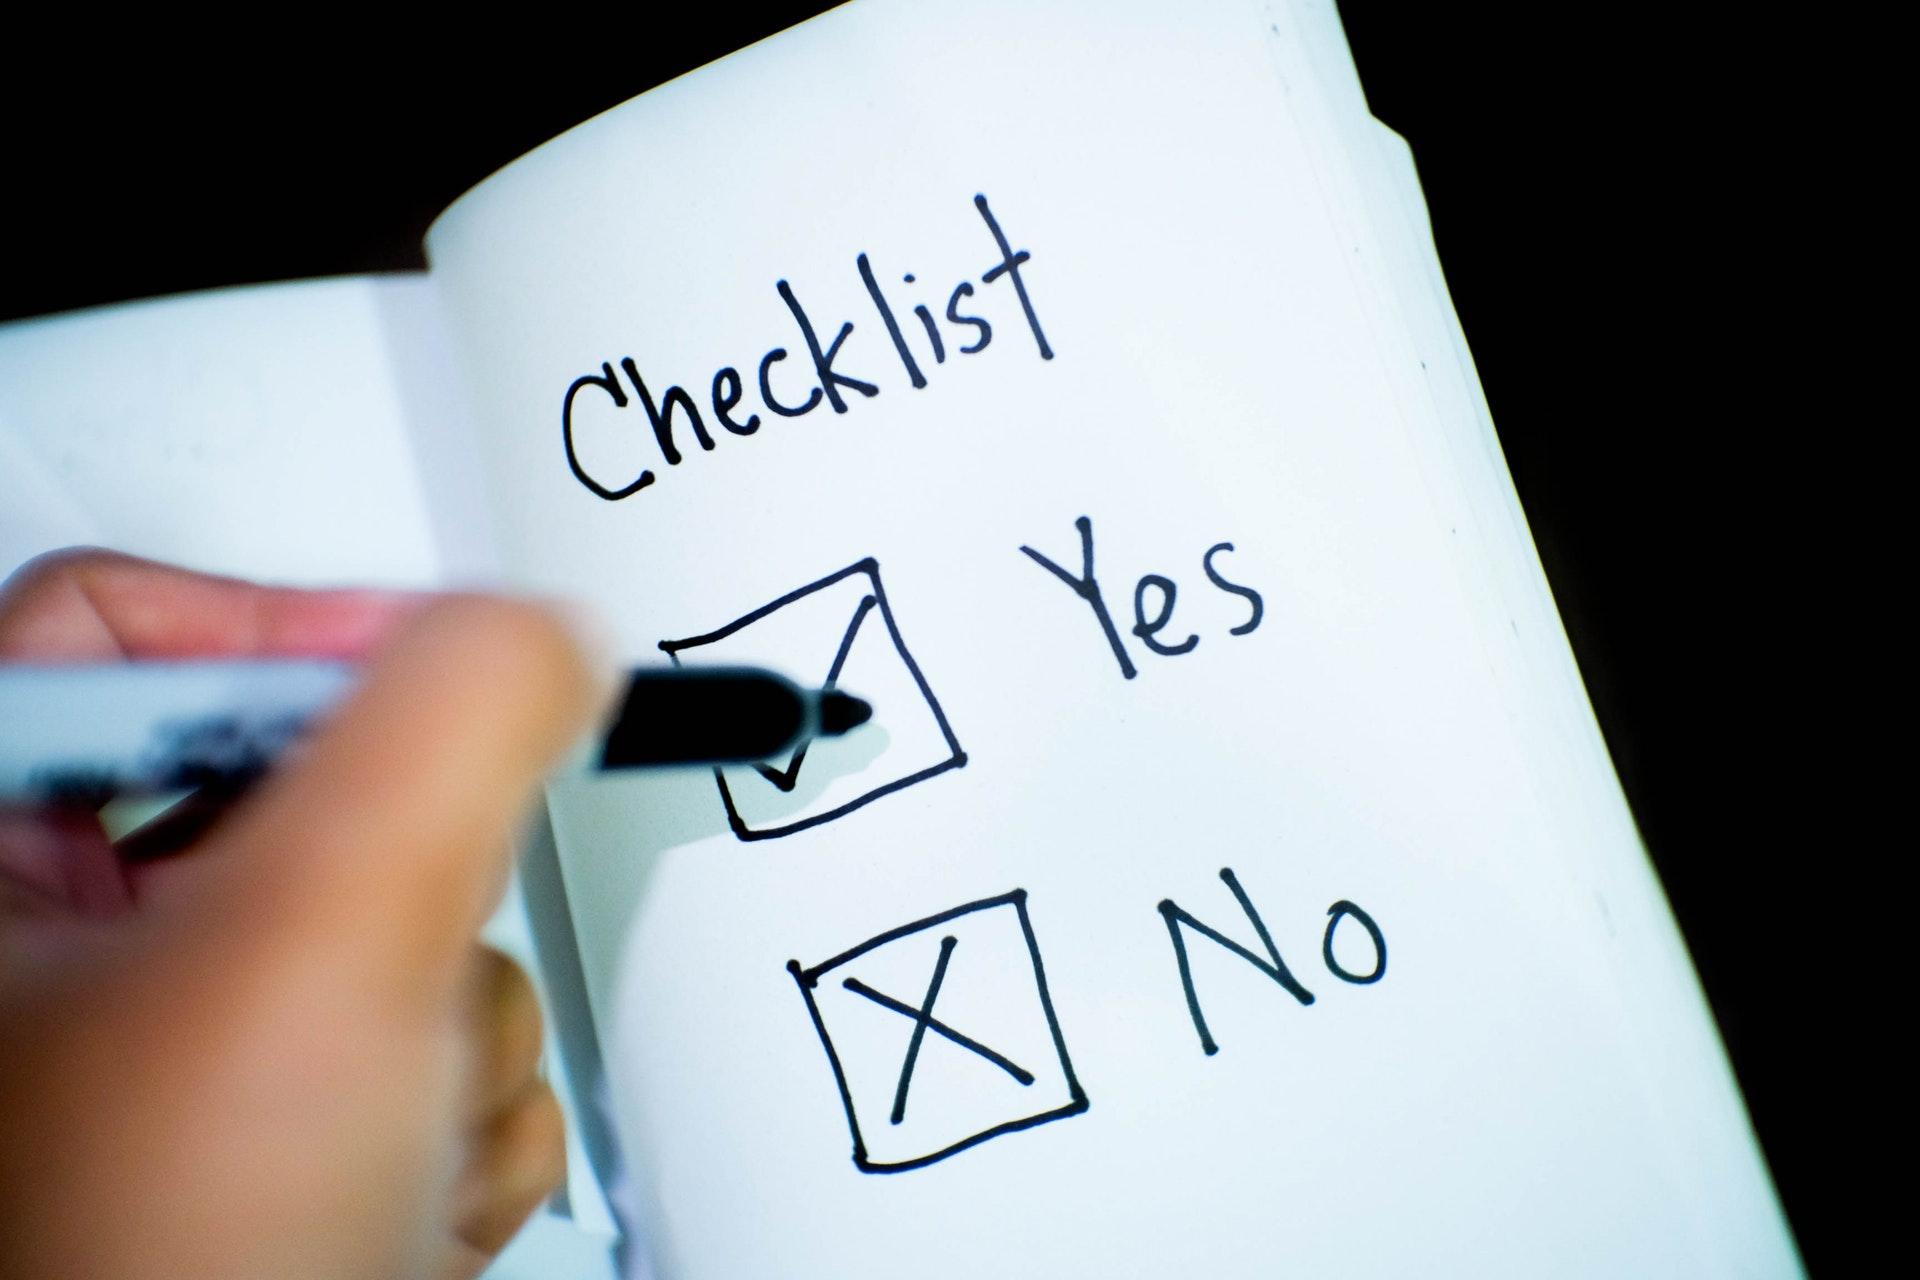 I Am Facing Foreclosure, What Should I Do?